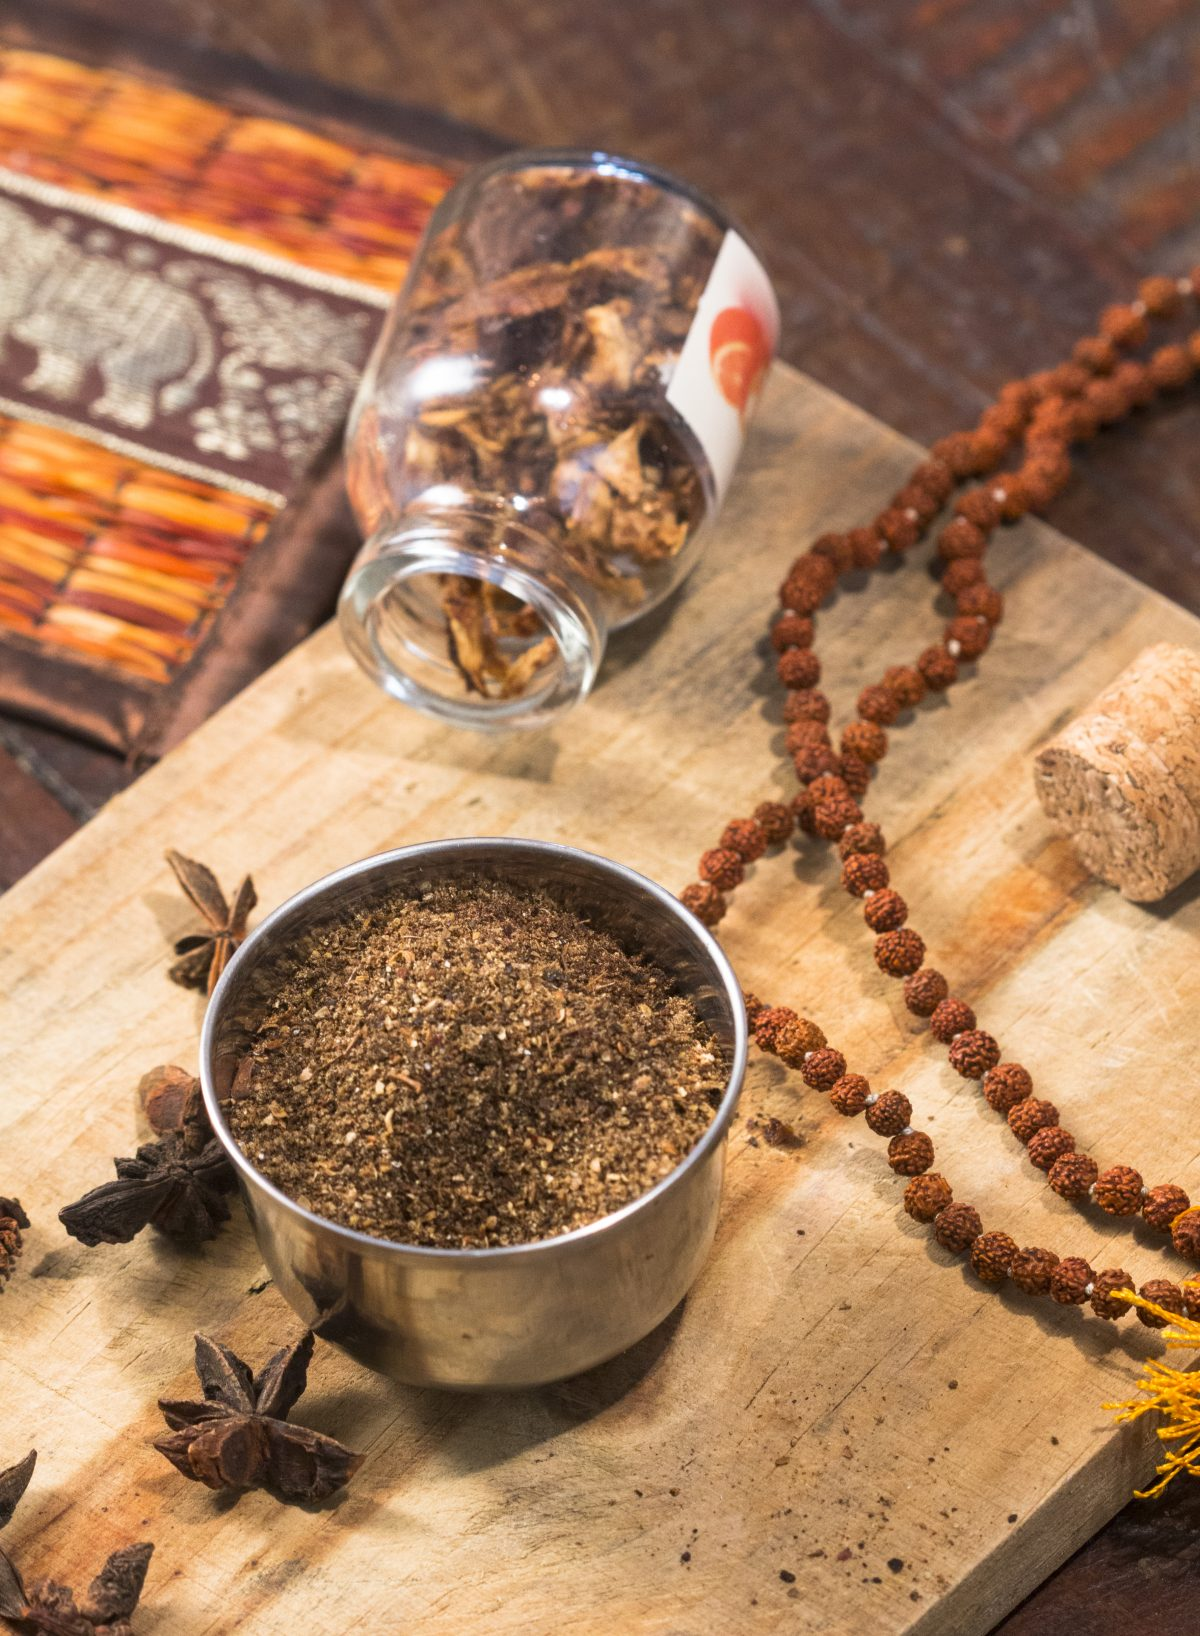 Quando conheci o spice coffee, mistura de especiarias para café